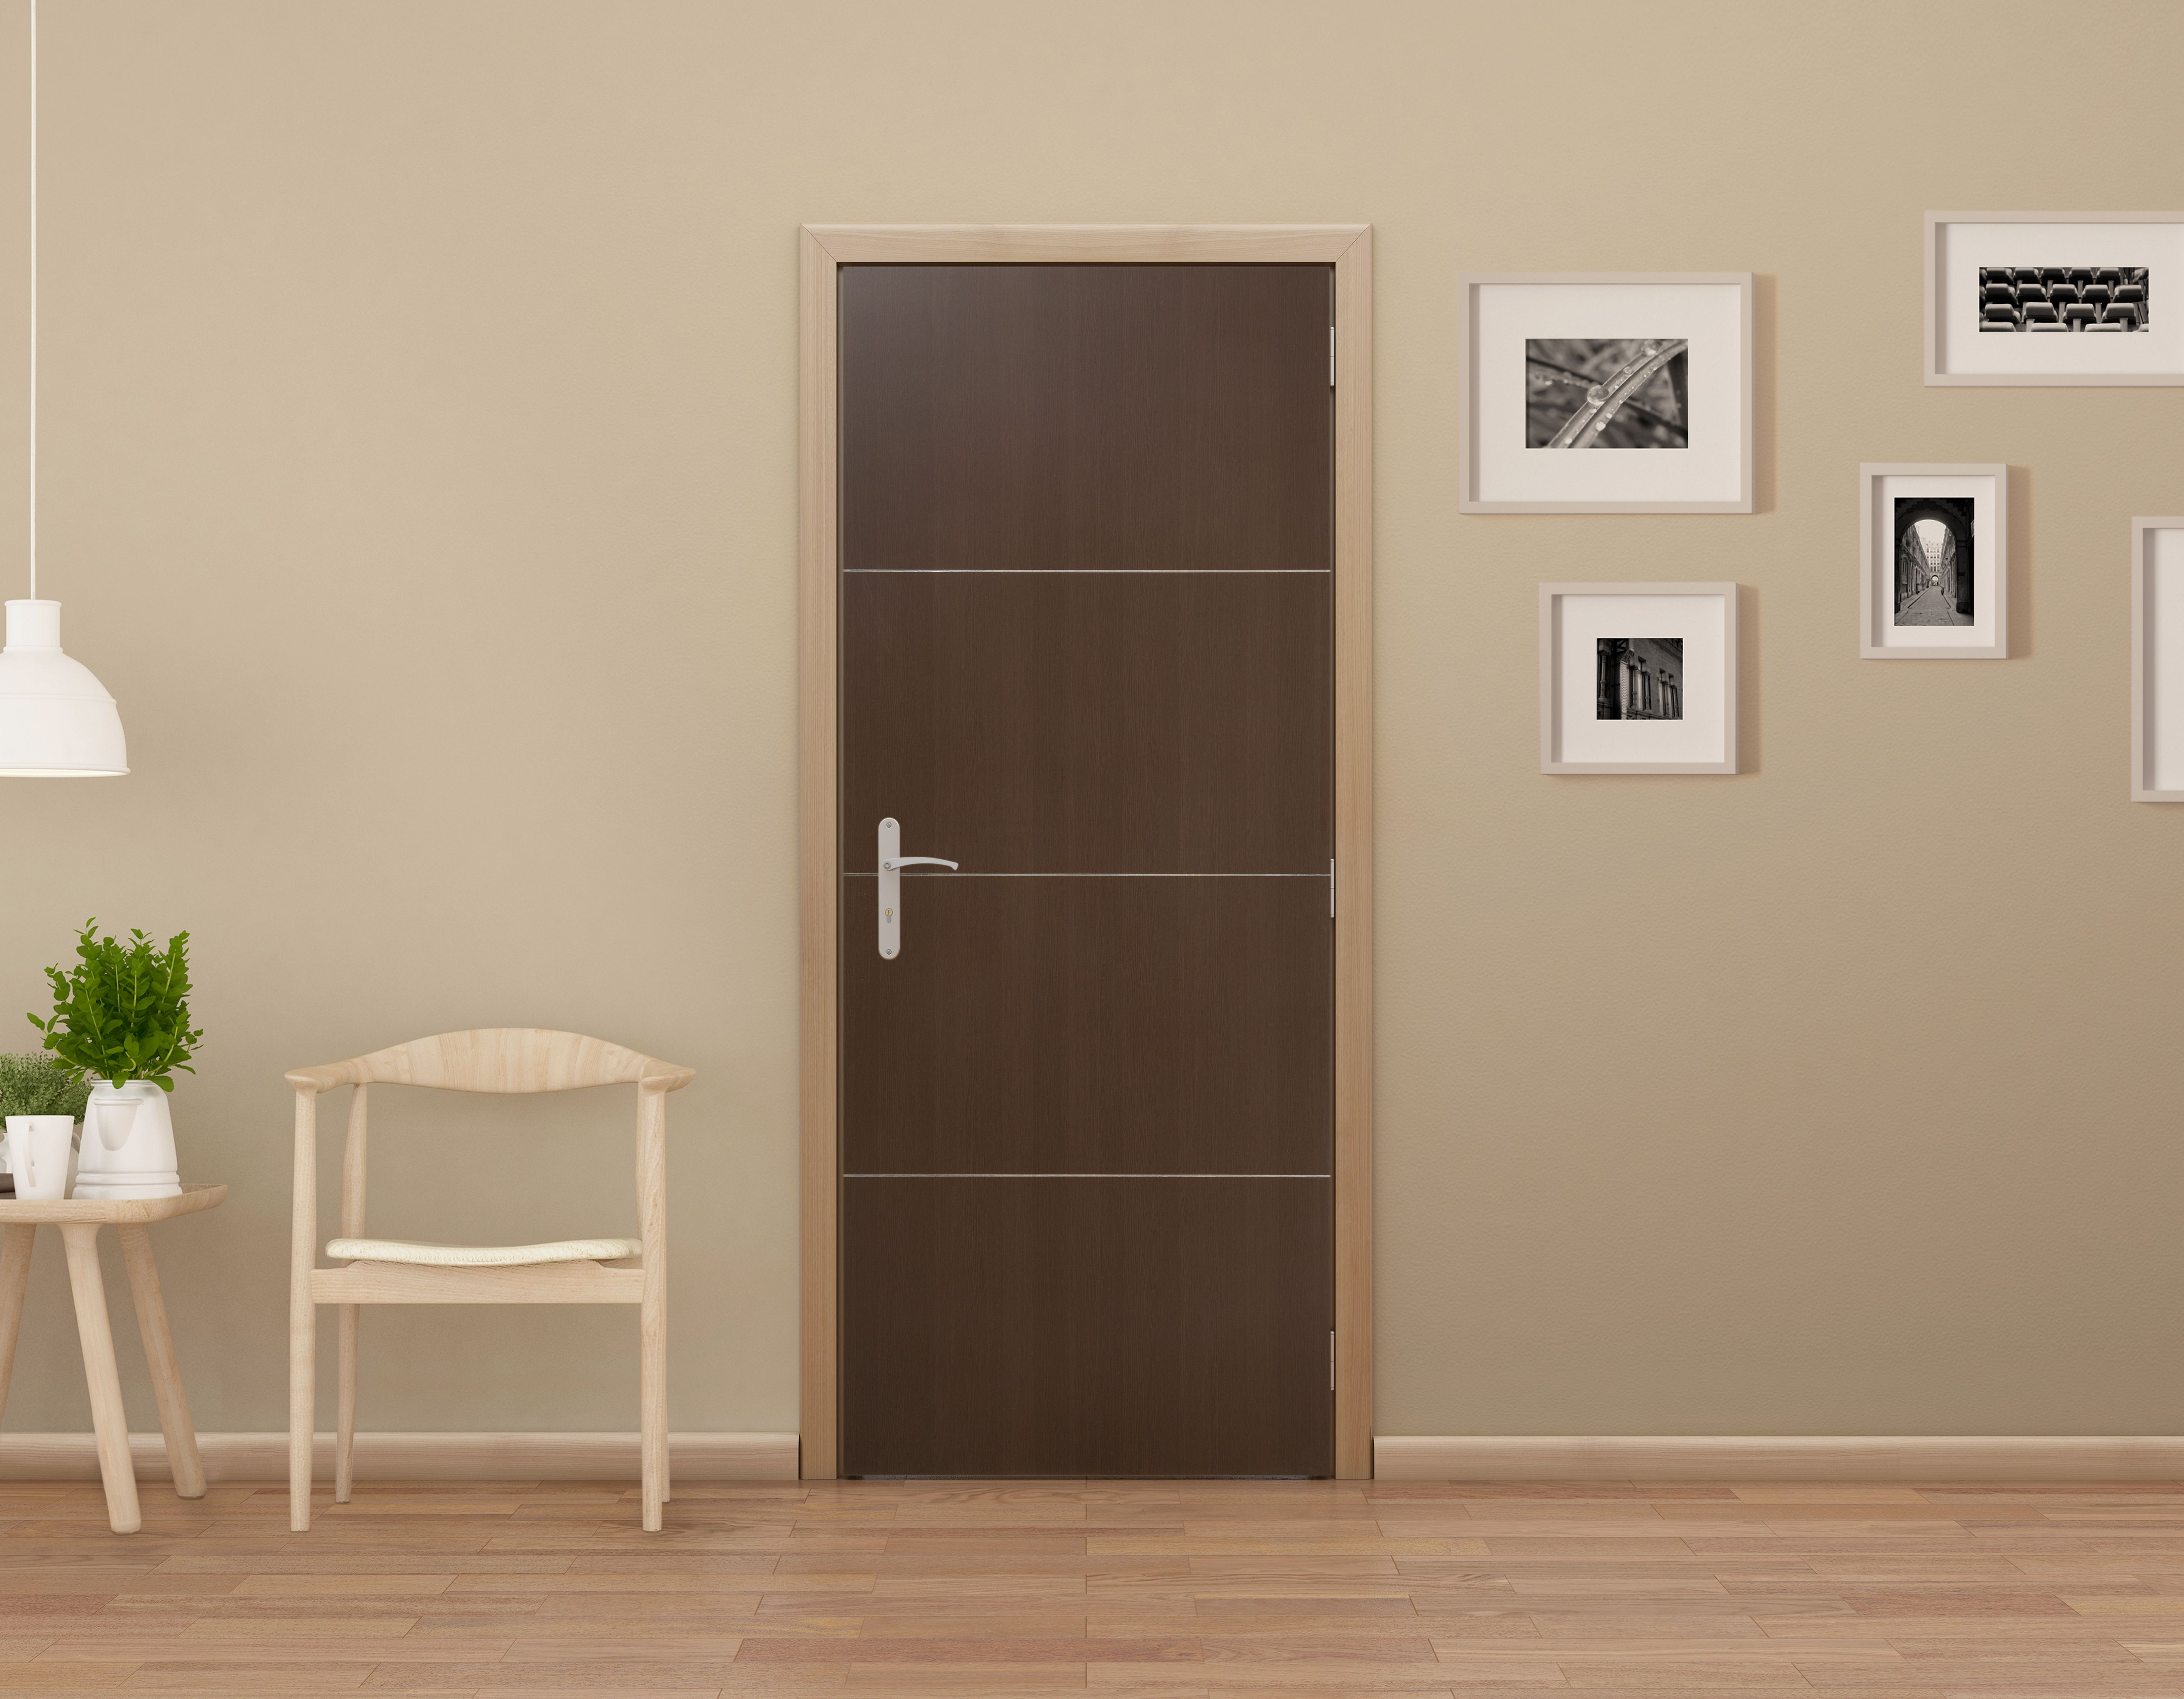 Puerta para interior color caf modelo lodge medidas for Medidas puertas interior